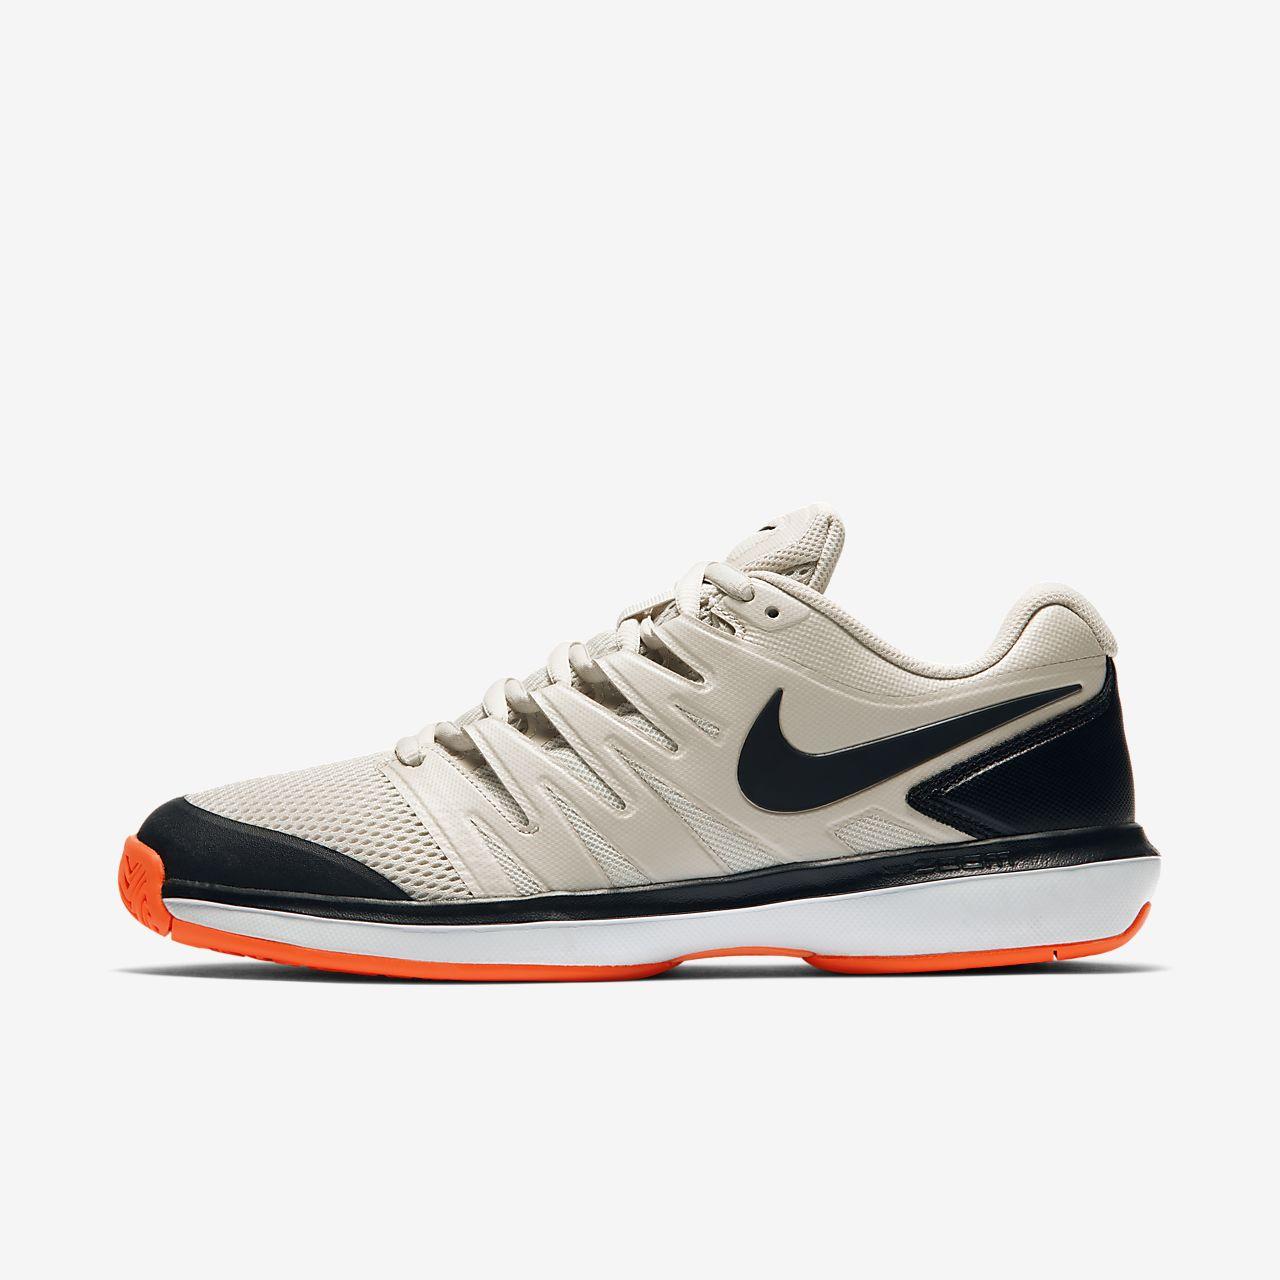 NikeCourt Air Zoom Prestige Herren-Tennisschuh für Hartplätze